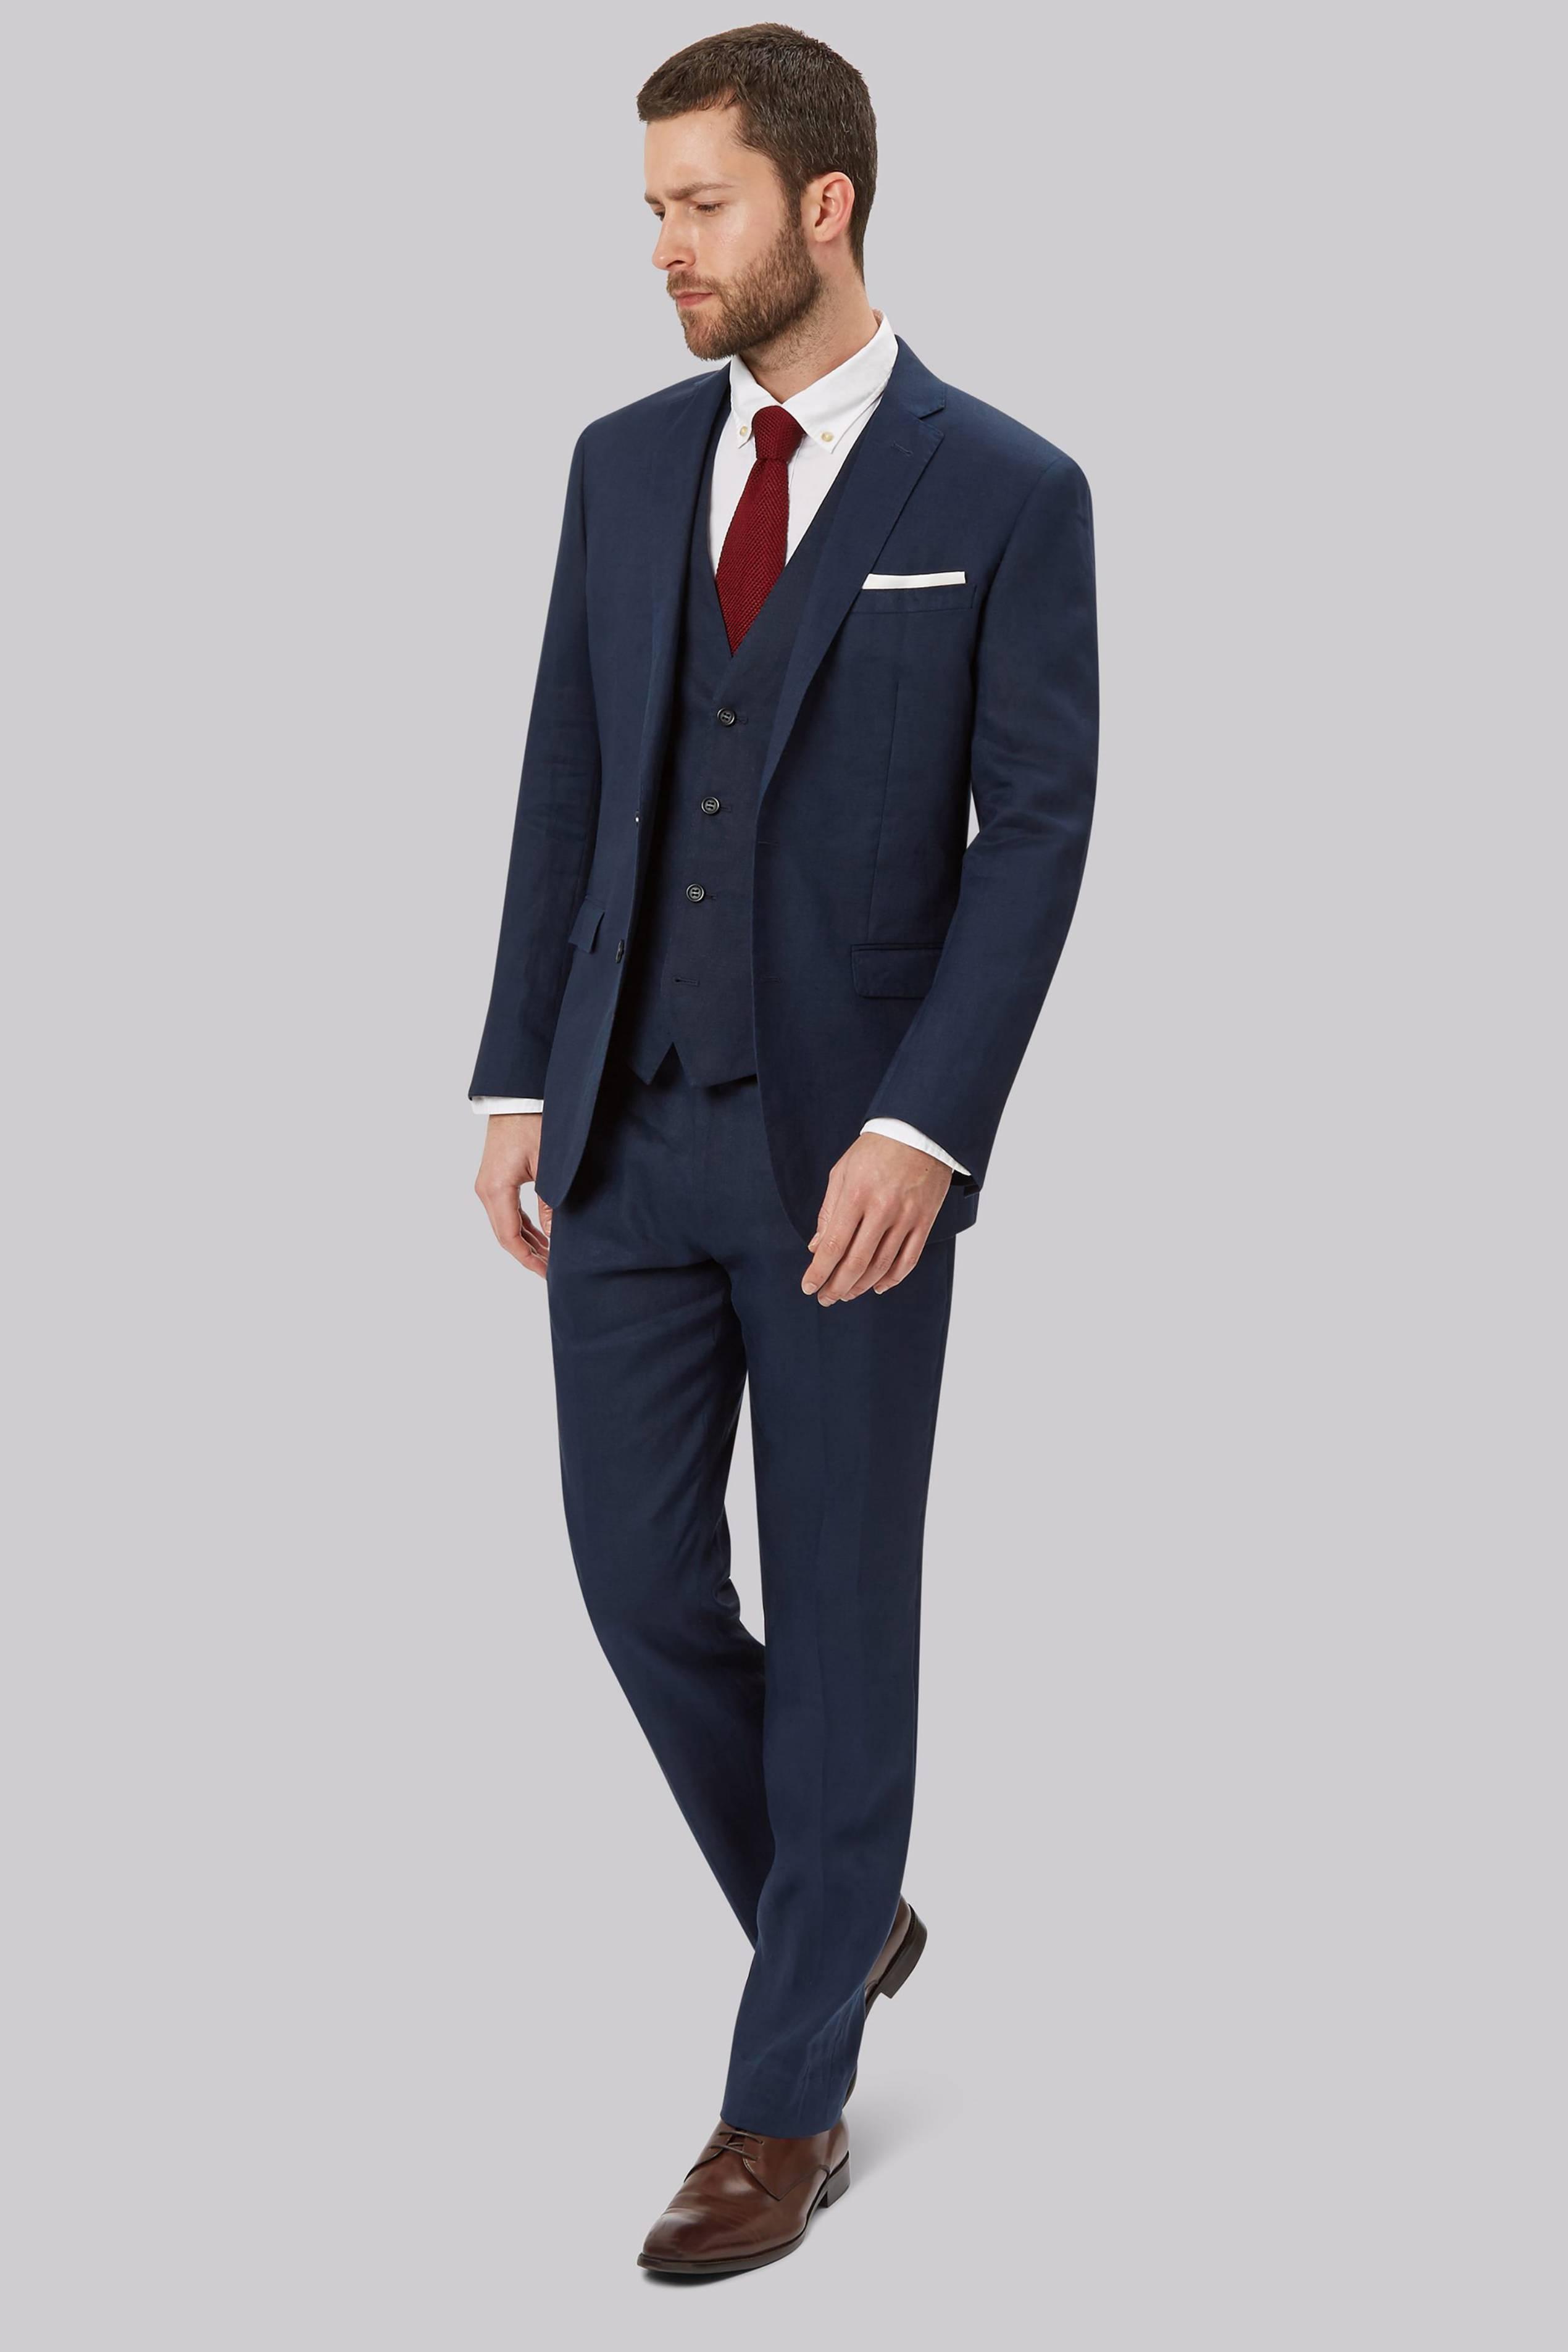 linen suits for men wedding